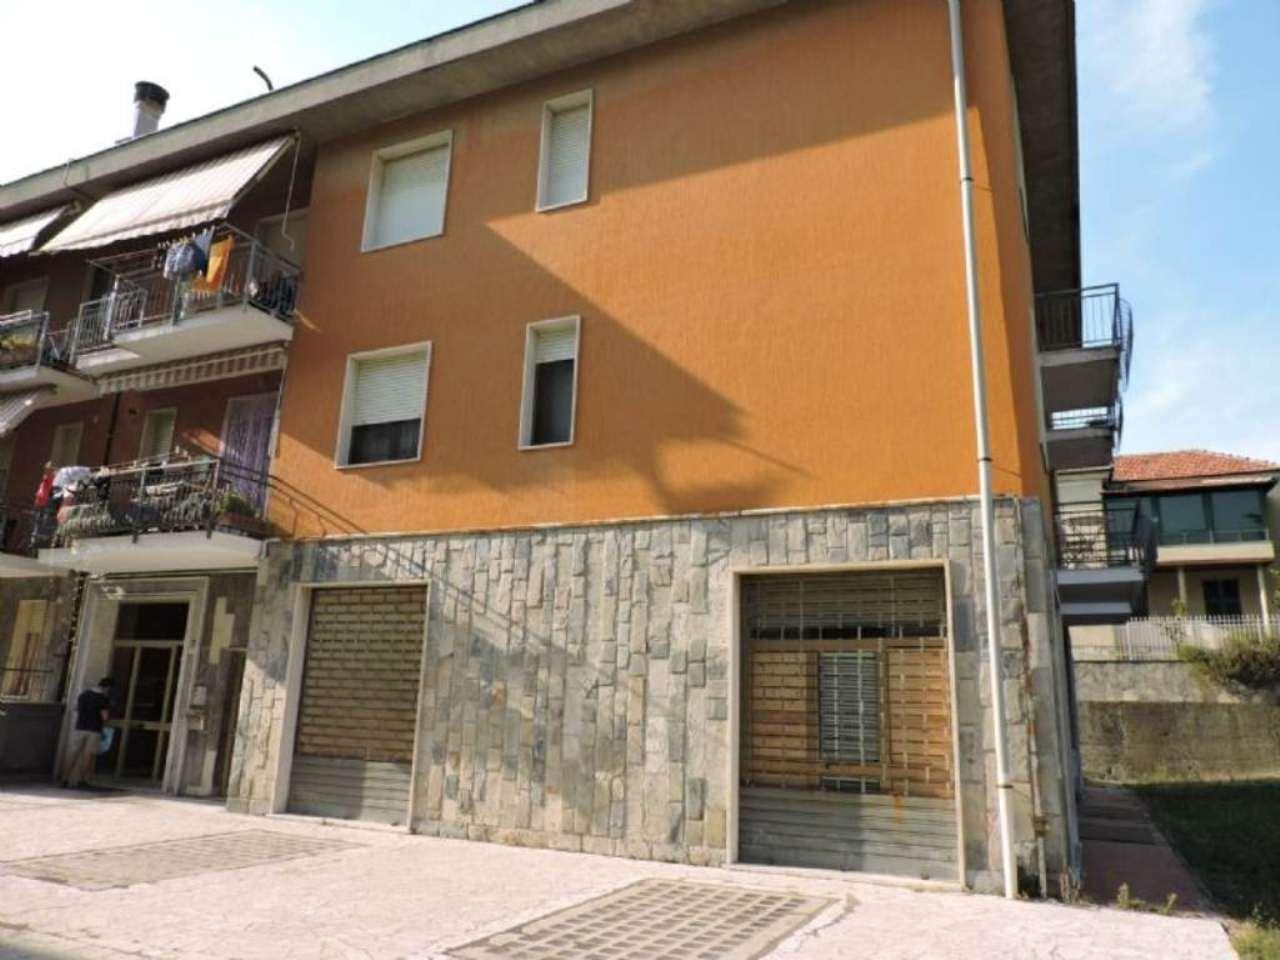 Appartamento in vendita a Bosio, 3 locali, prezzo € 60.000 | Cambio Casa.it